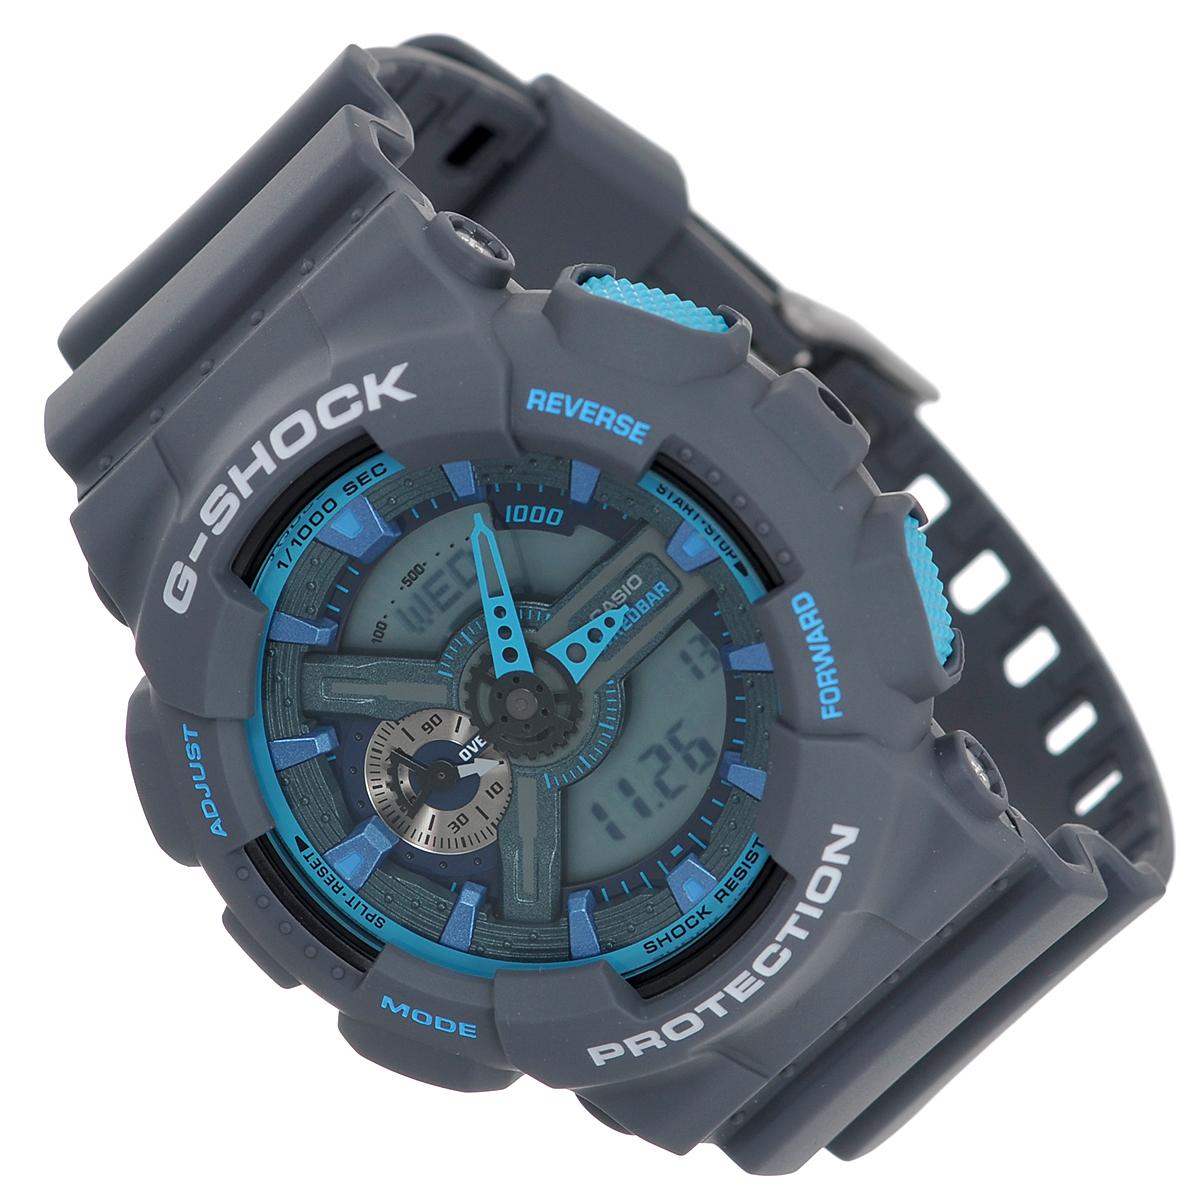 Часы мужские наручные Casio G-Shock, цвет: серый, голубой. GA-110TS-8A2GA-110TS-8A2Стильные часы G-Shock от японского брэнда Casio - это яркий функциональный аксессуар для современных людей, которые стремятся выделиться из толпы и подчеркнуть свою индивидуальность. Часы выполнены в спортивном стиле. Корпус имеет ударопрочную конструкцию, защищающую механизм от ударов и вибрации. Циферблат подсвечивается светодиодом, функция автоподсветки освещает циферблат при повороте часов к лицу. Ремешок из мягкого пластика имеет классическую застежку. Основные функции: - 5 будильников, один с функцией повтора сигнала (чтобы отложить пробуждение), ежечасный сигнал; - автоматический календарь (число, месяц, день недели, год); - секундомер с точностью показаний 1/1000 с, время измерения 100 часов; - 12-ти и 24-х часовой формат времени; - таймер обратного отсчета от 1 мин до 24 ч с автоповтором; - измерение скорости и расстояния; - мировое время; - сплит-хронограф; ...